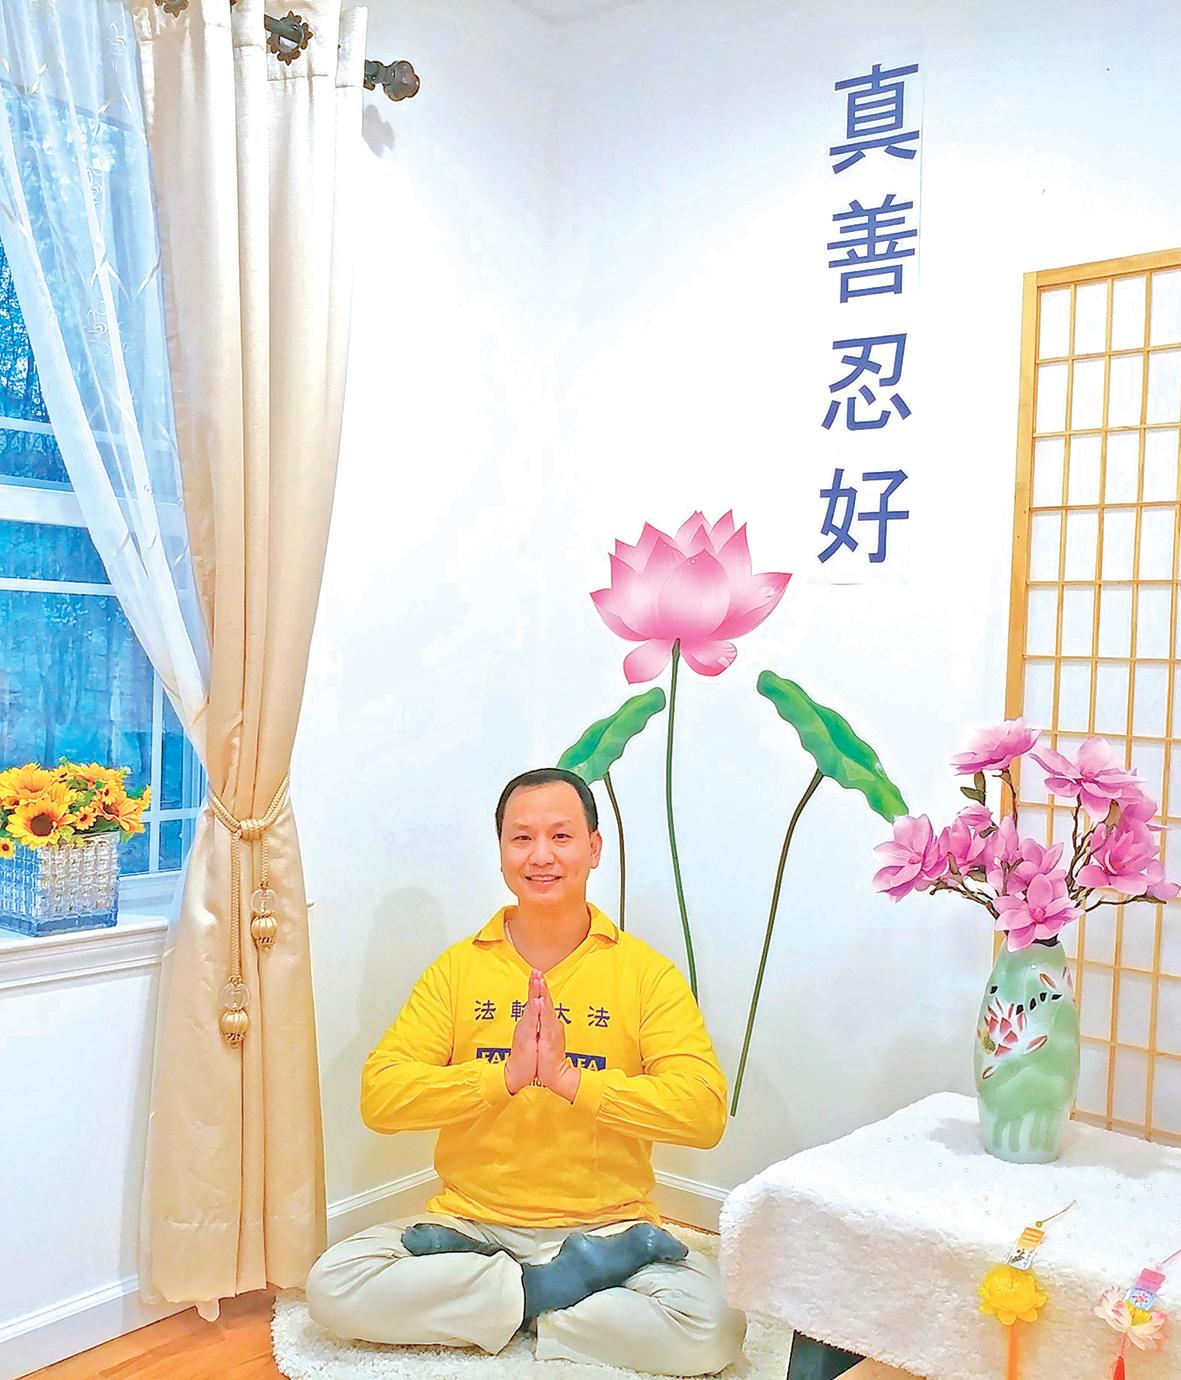 來自越南的Ton Truong,從2011年開始修煉法輪大法。(本人提供)